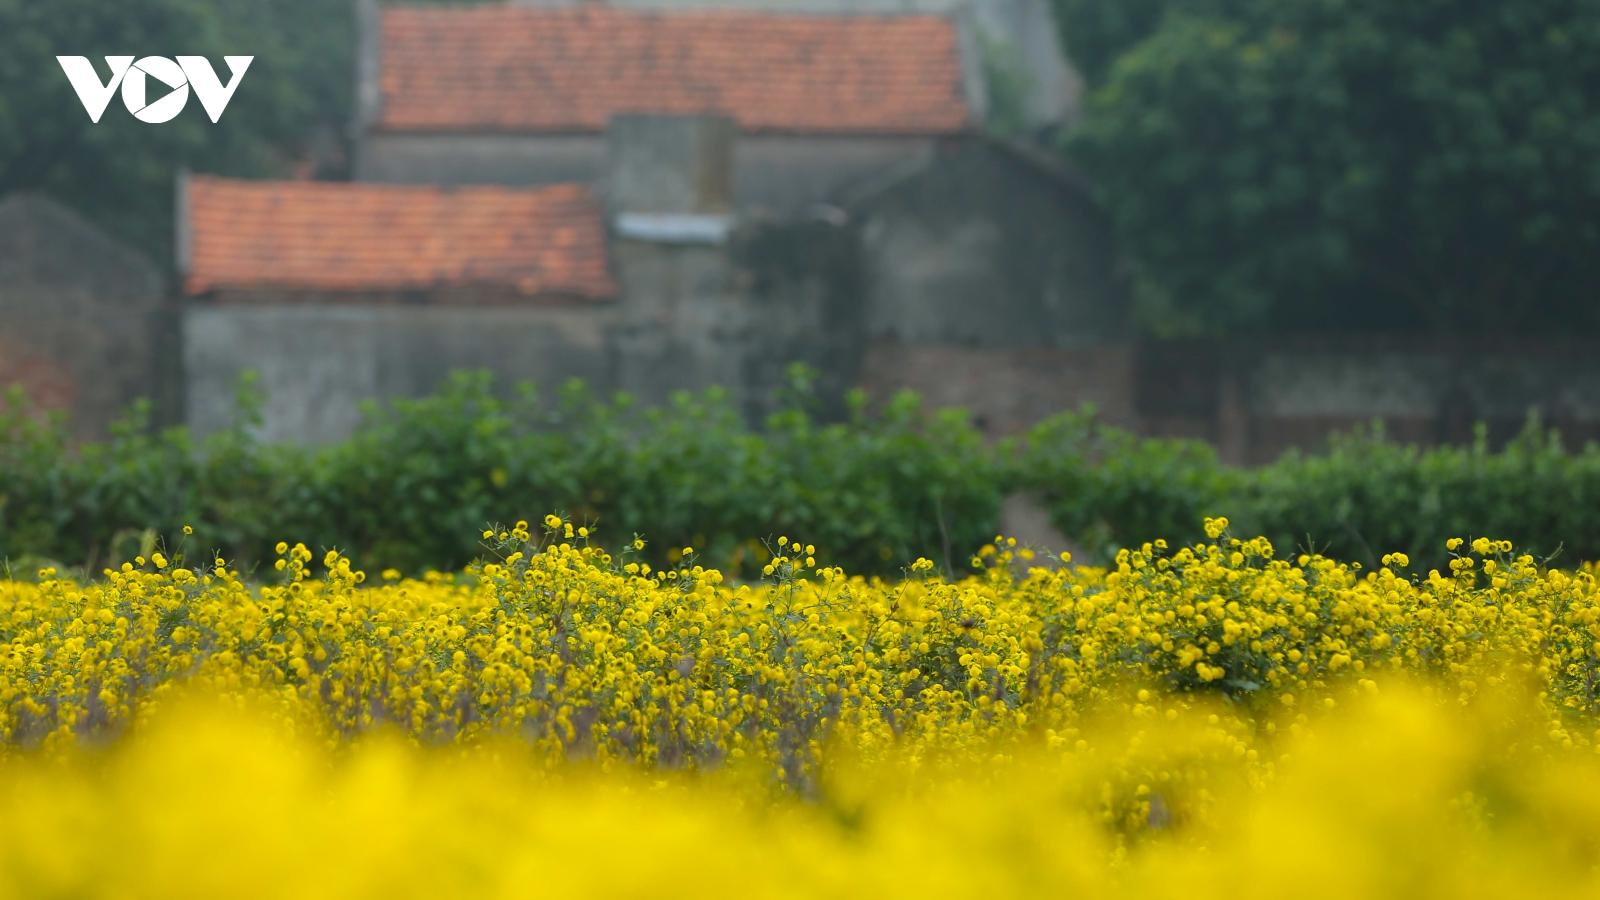 Ngắm cánh đồng hoa cúc tiến vua vàng rực ven sông Hồng